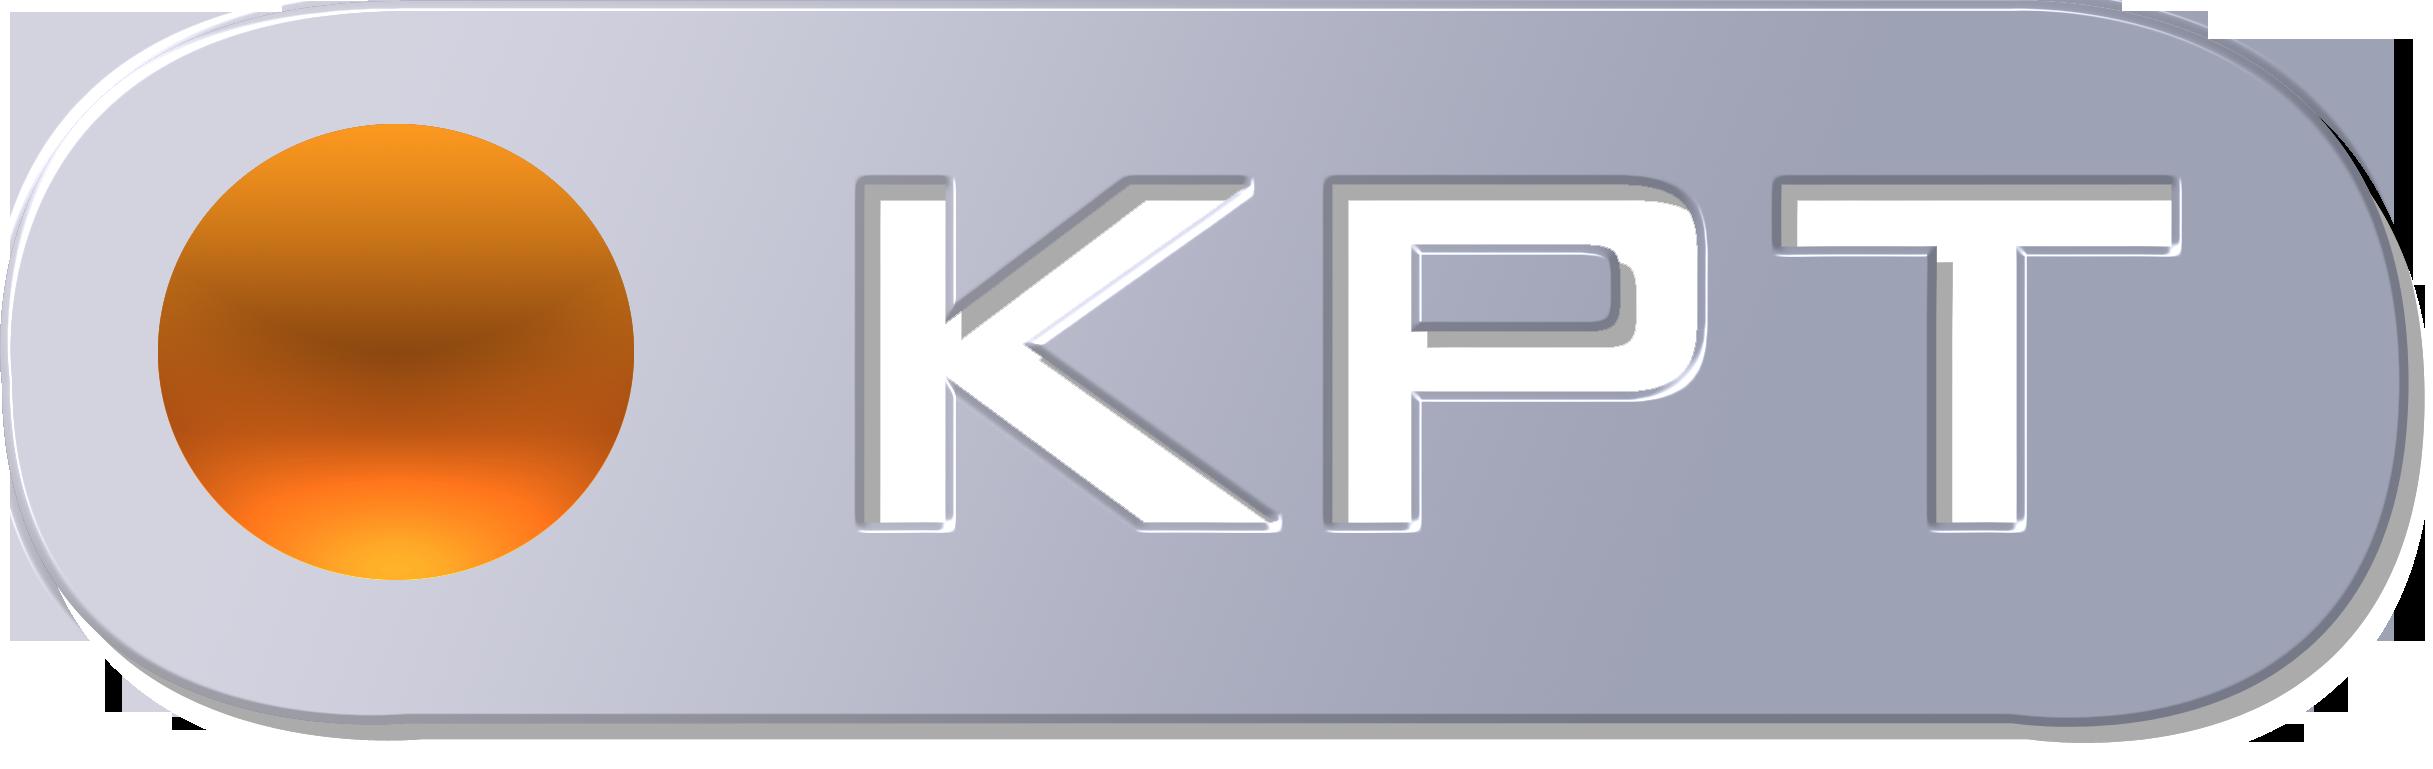 КРТ (г. Курск) (2004-2009)